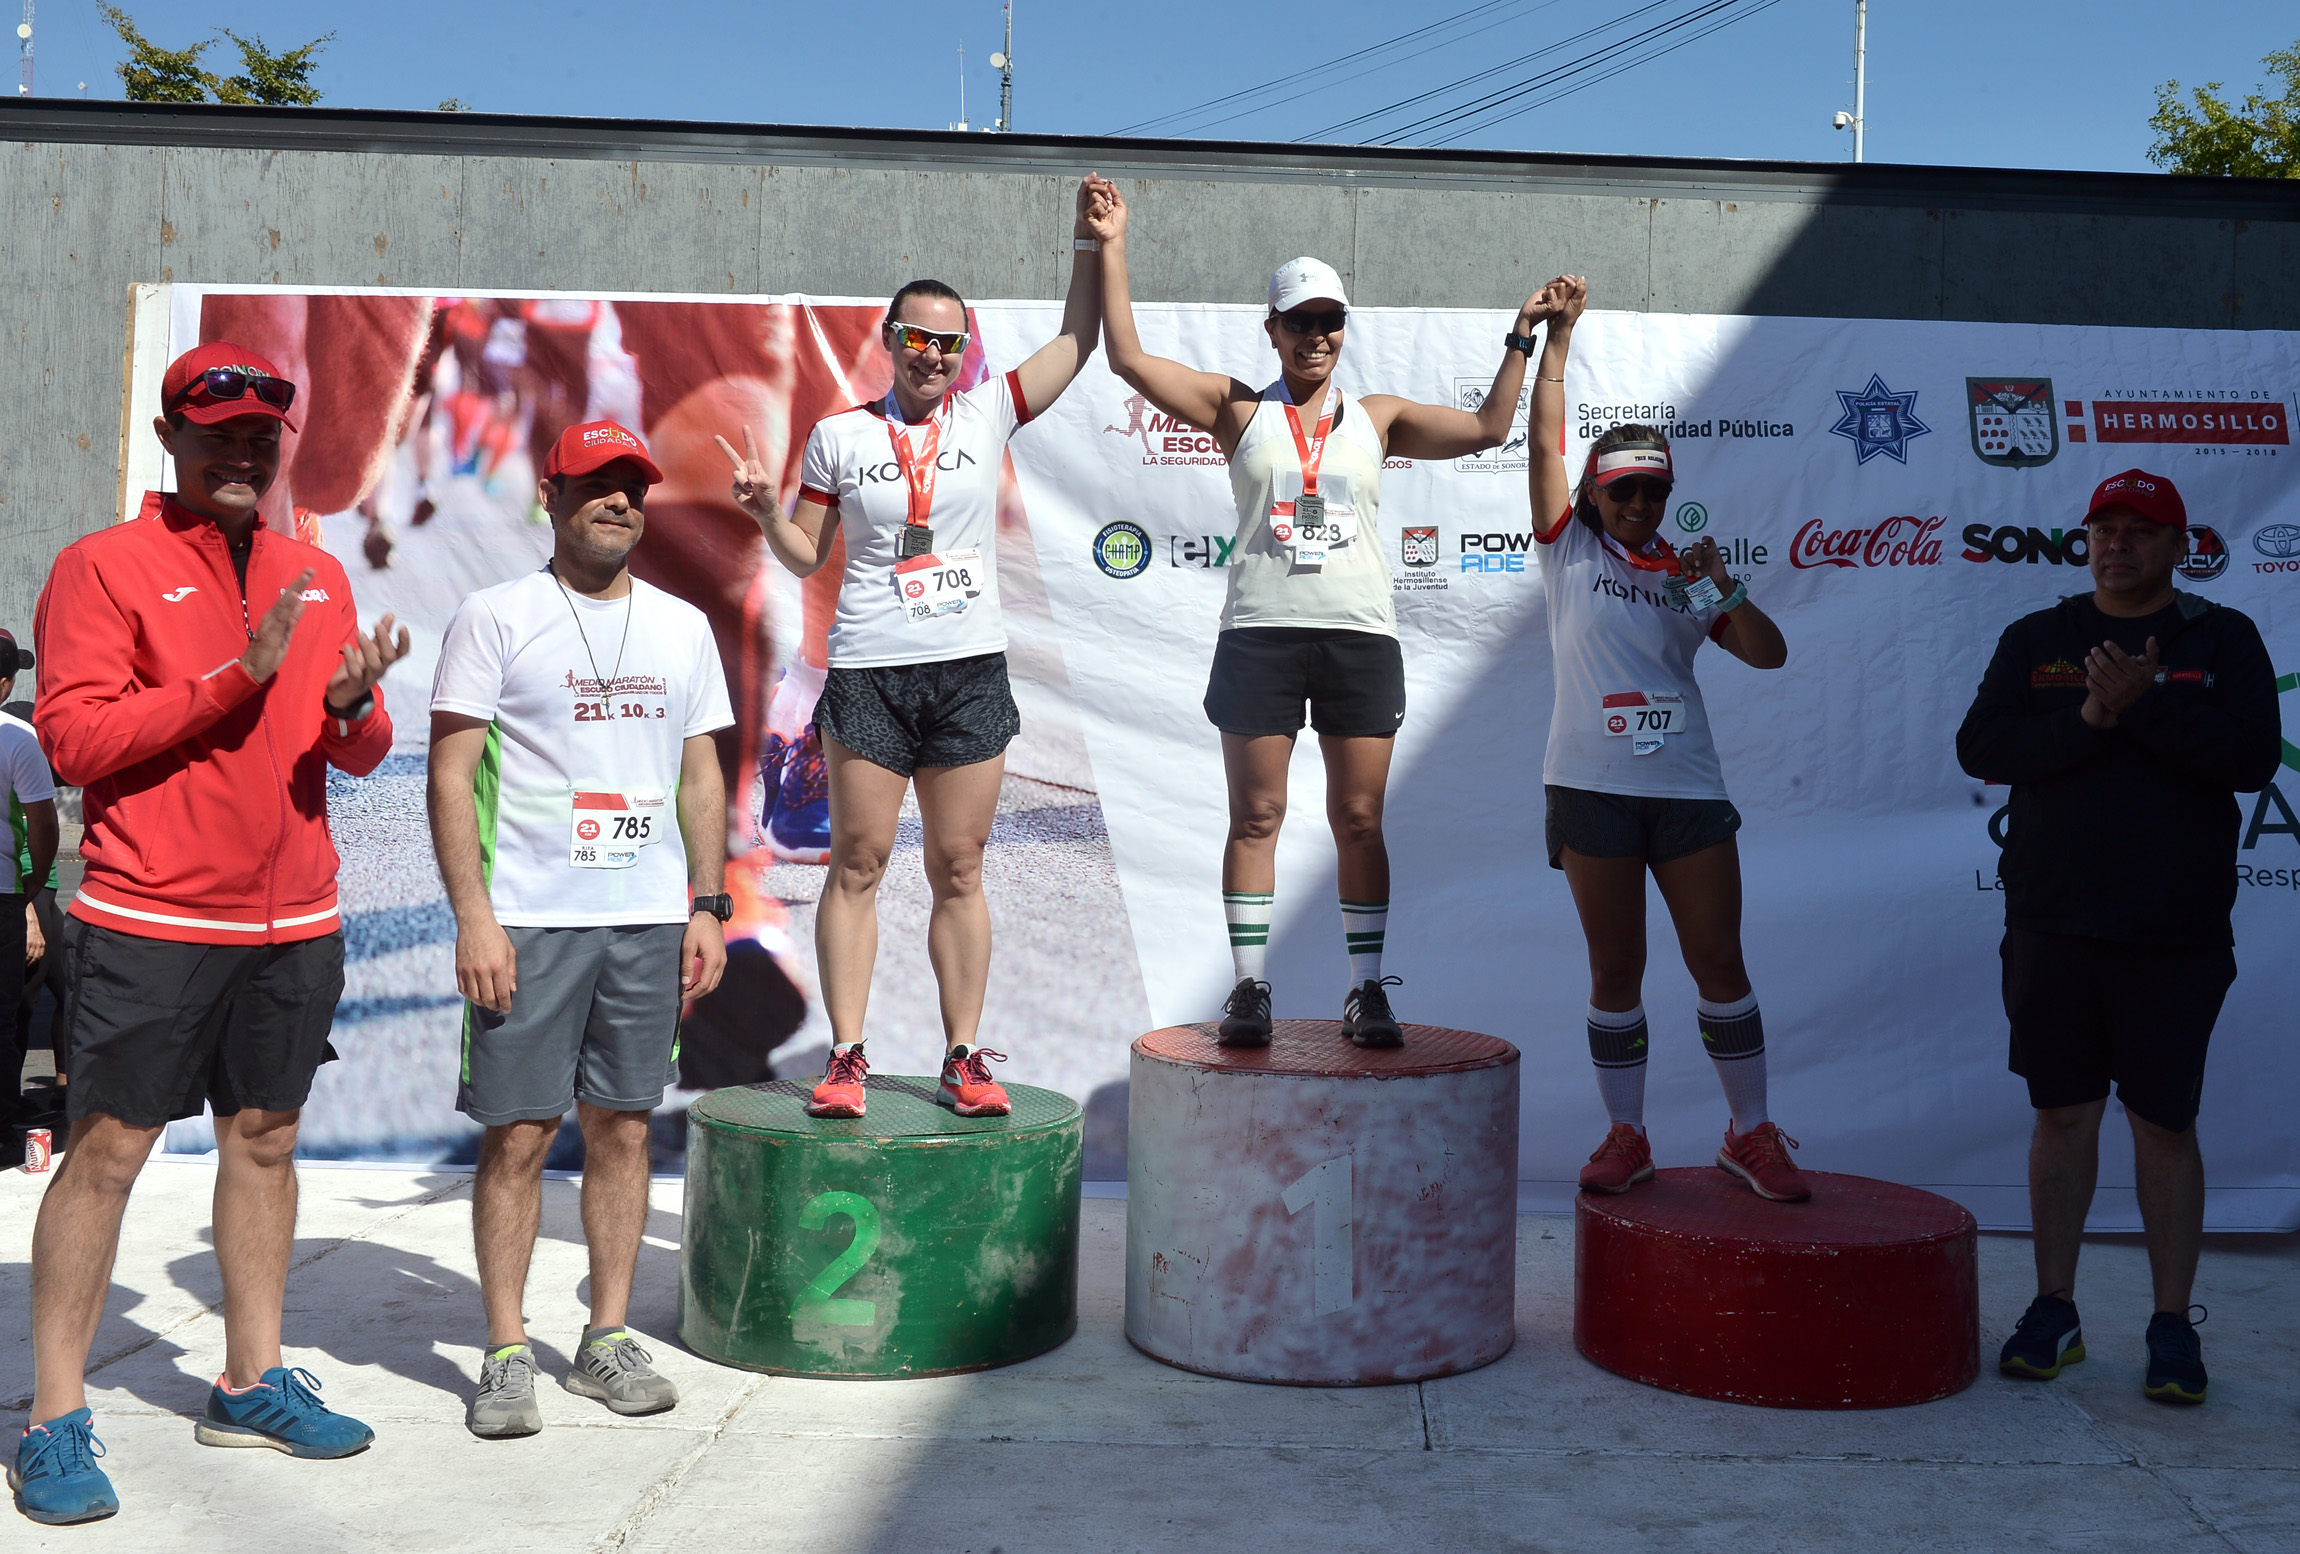 Resultado de imagen para Celebra SSP Medio Maratón Escudo Ciudadano